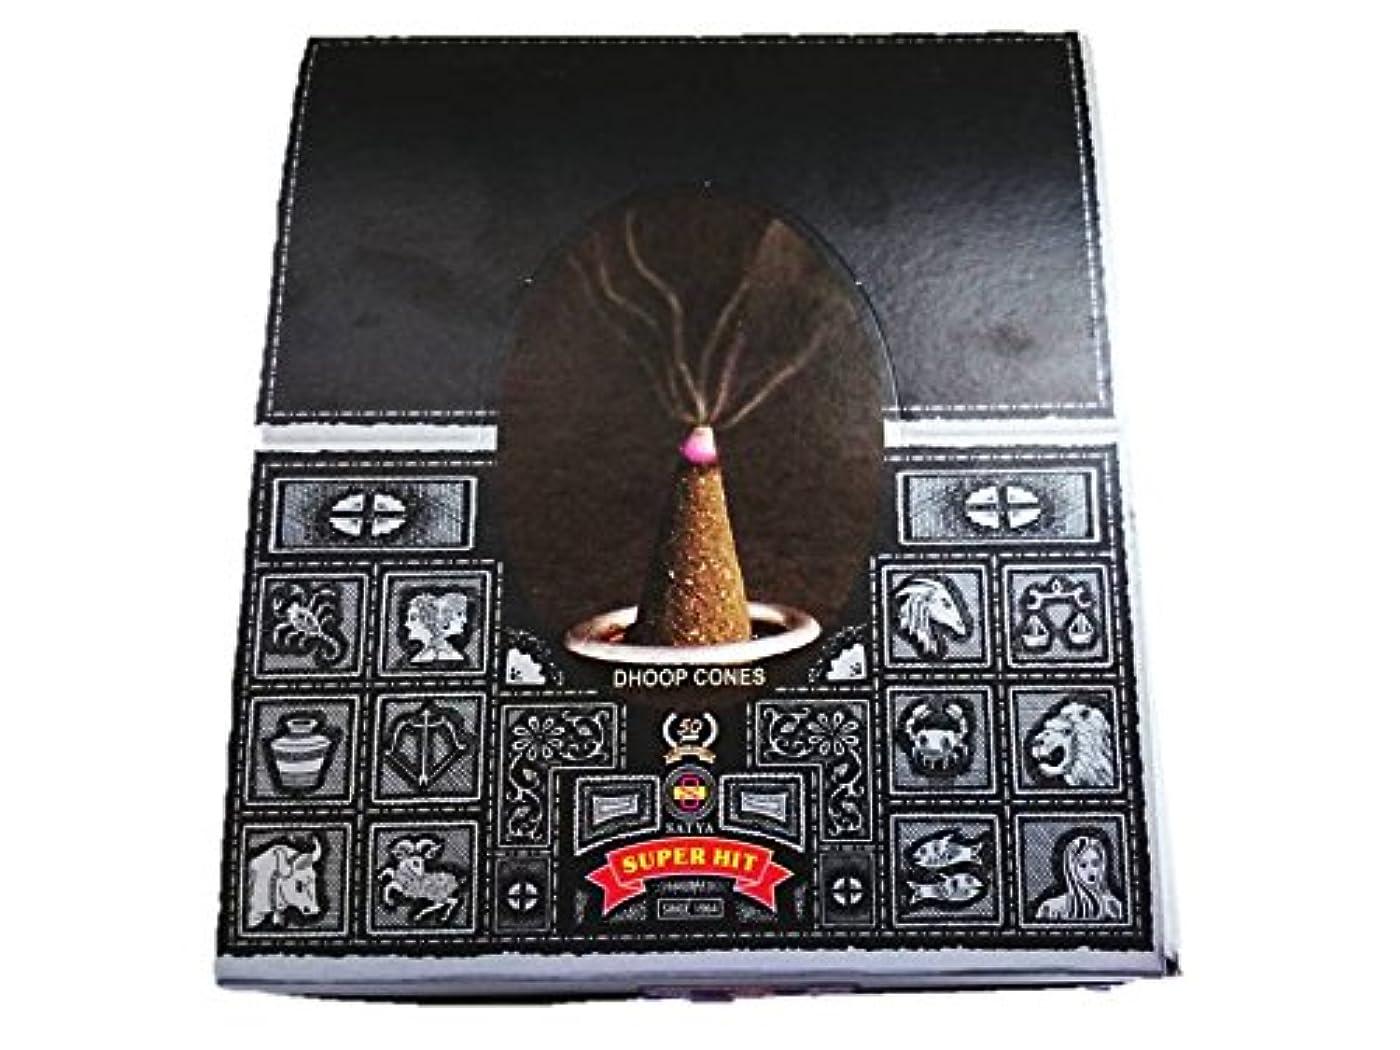 ピルストレッチ原稿SATYA(サティヤ) スーパーヒット お香 コーンタイプ1ケース (12箱入り)